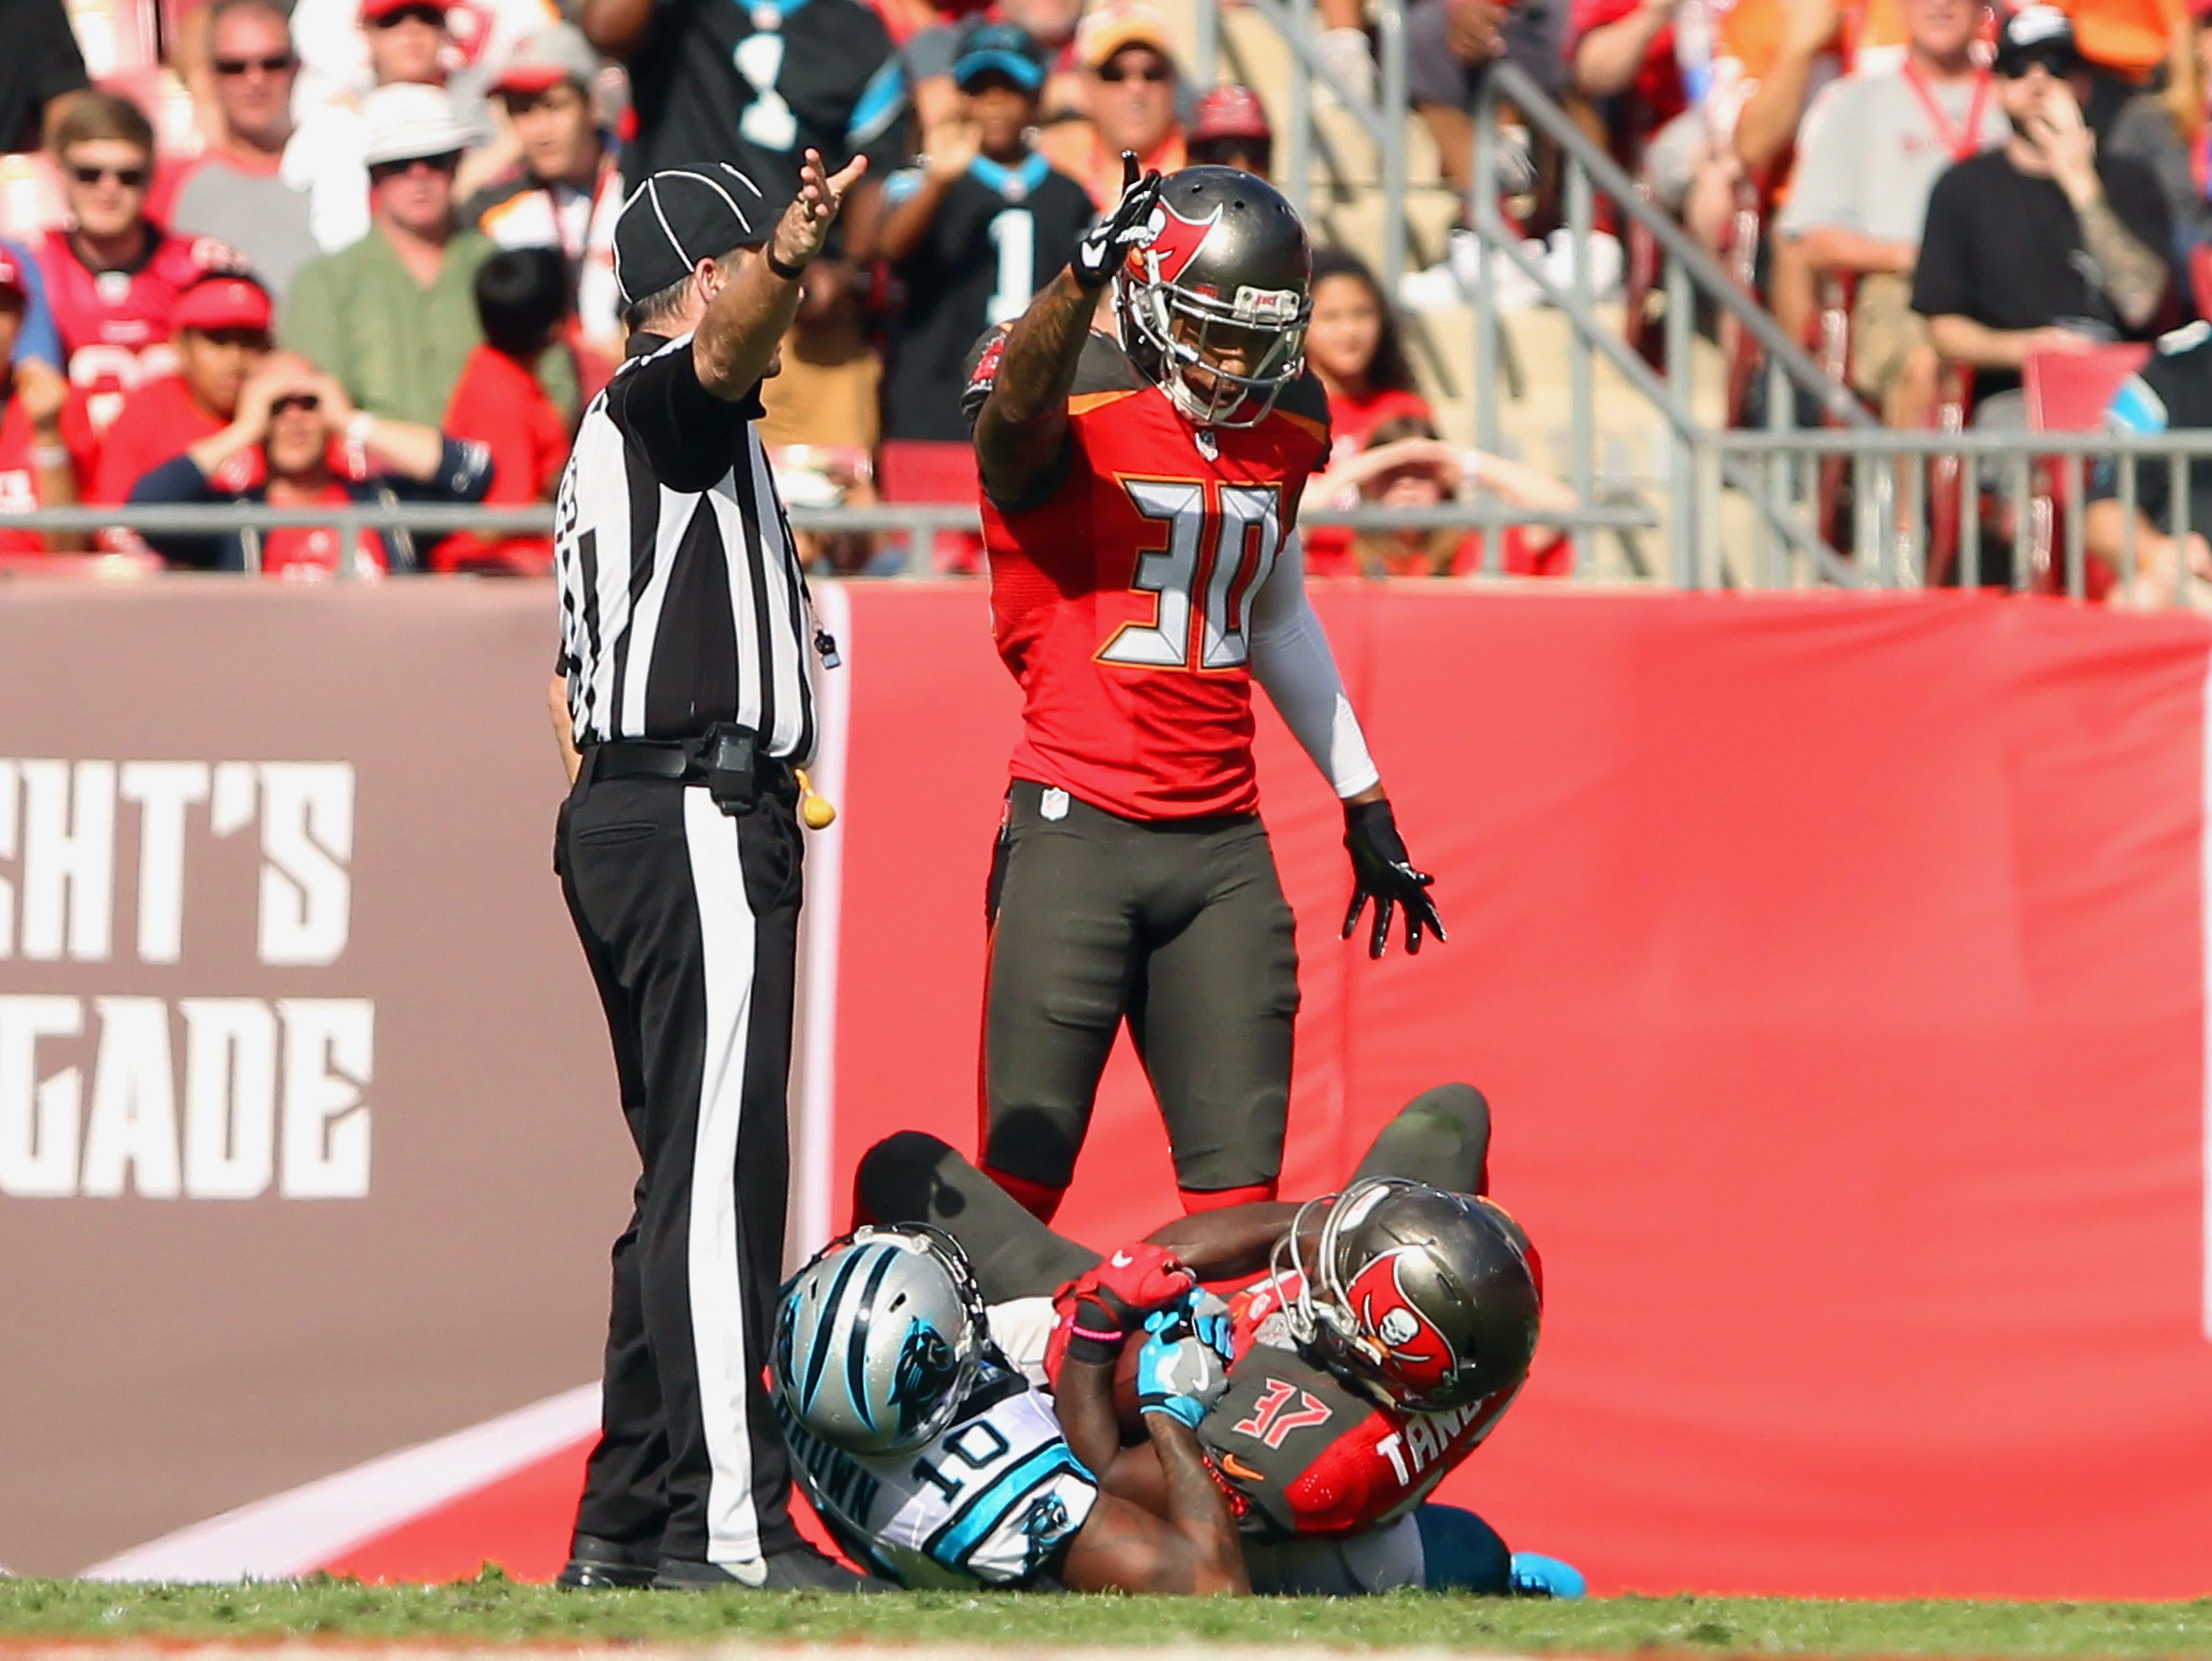 NFL: JAN 01 Panthers at Buccaneers